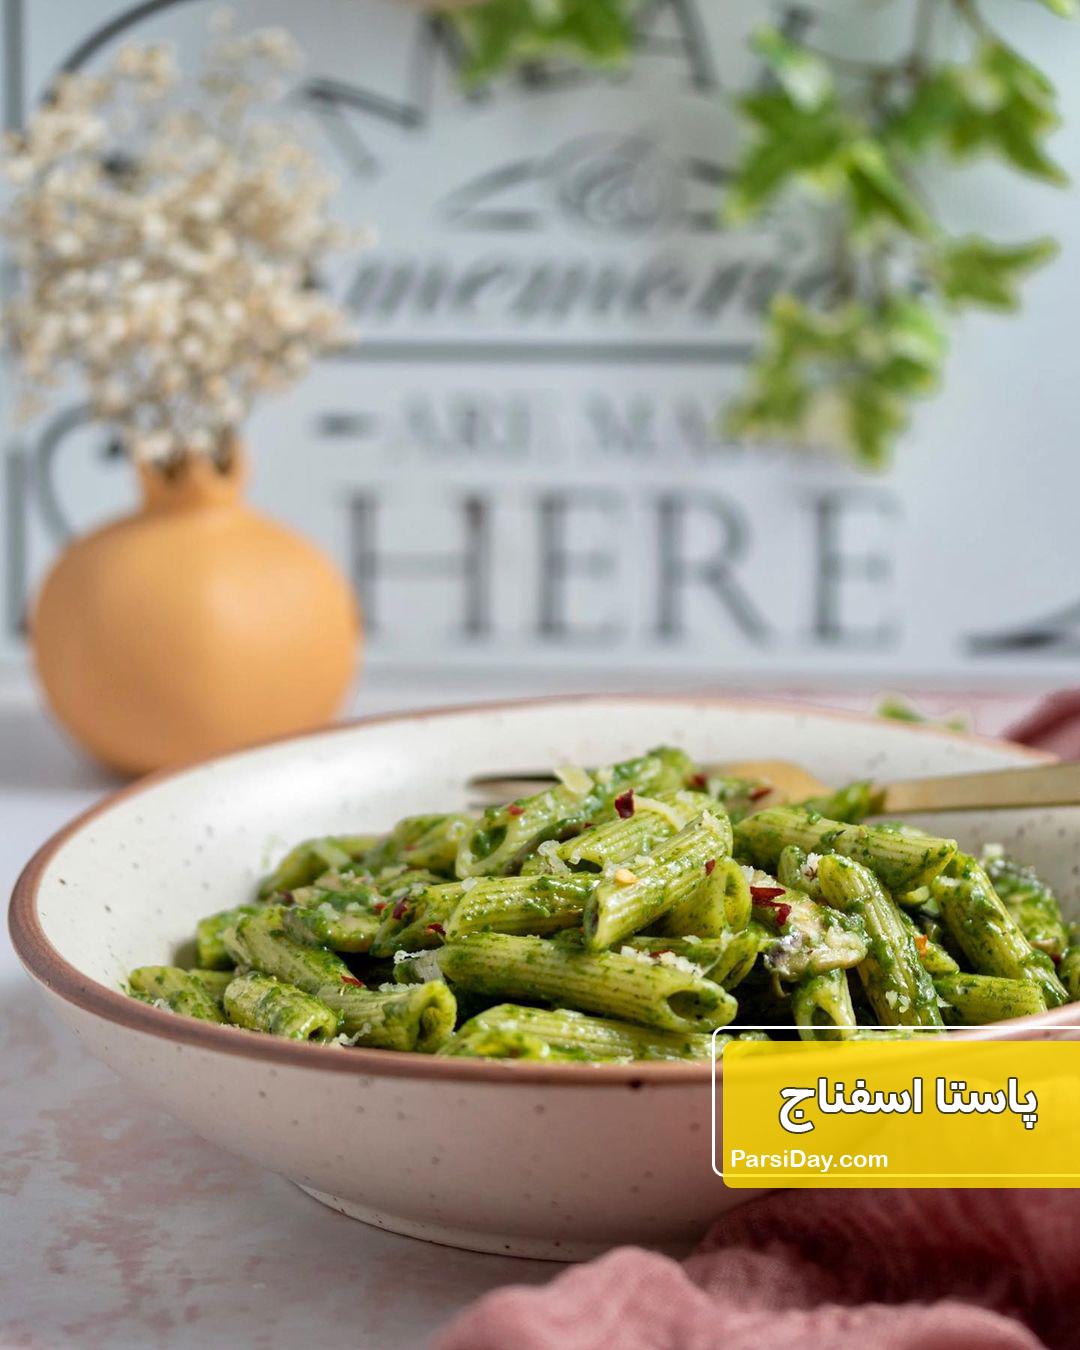 طرز تهیه پاستا اسفناج و قارچ خوشمزه، آسان و فوری با پنیر و خامه